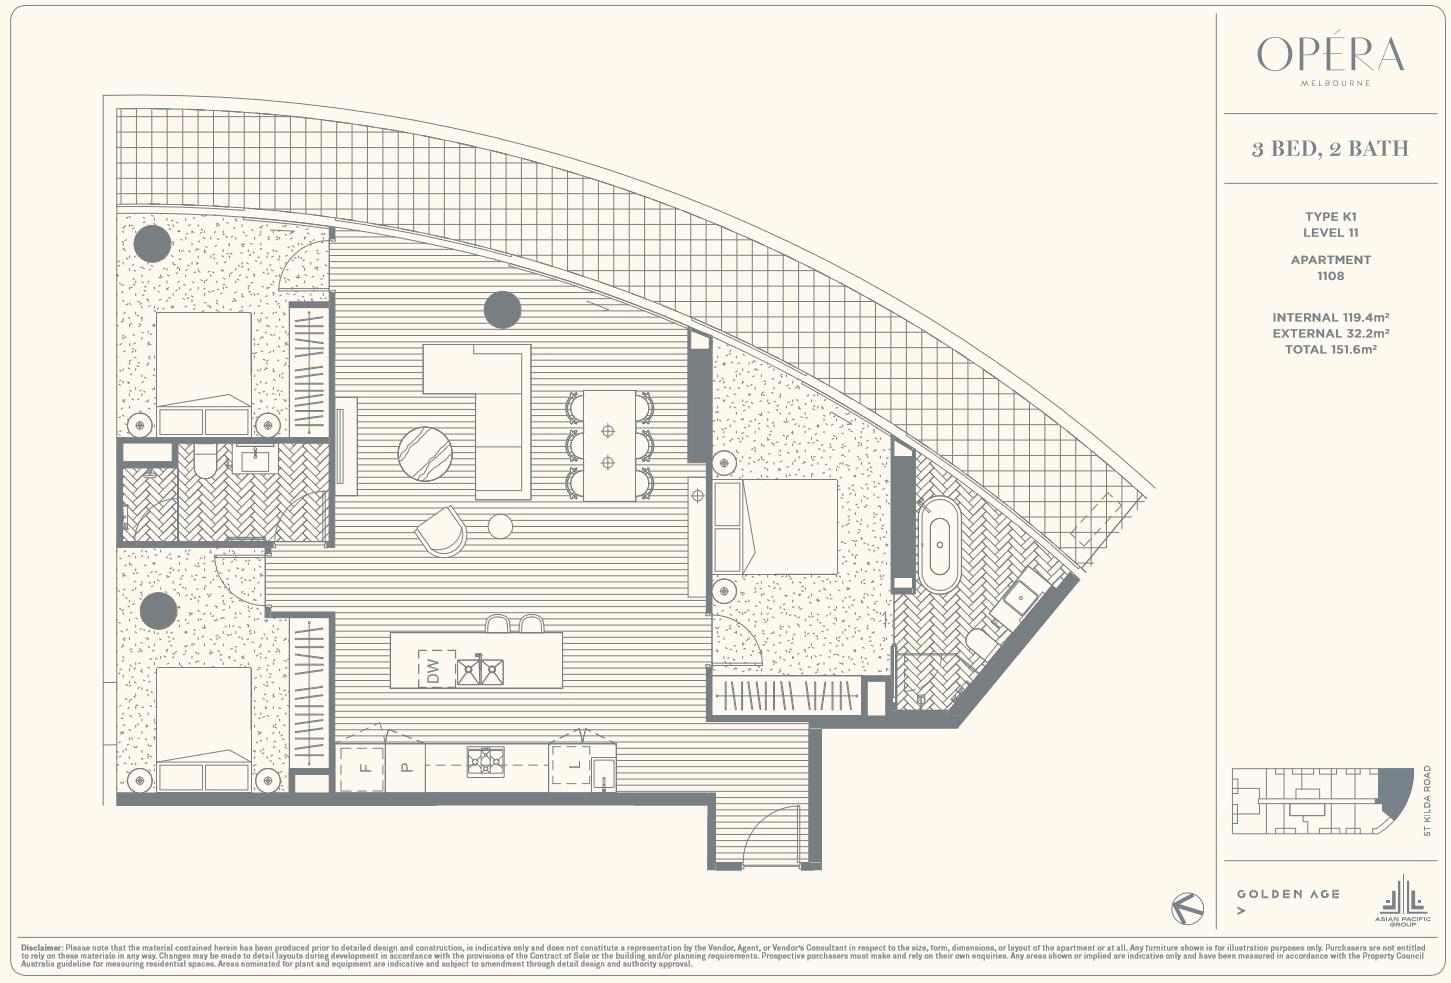 Floor Plan Type K1 - 3Bed2Bath